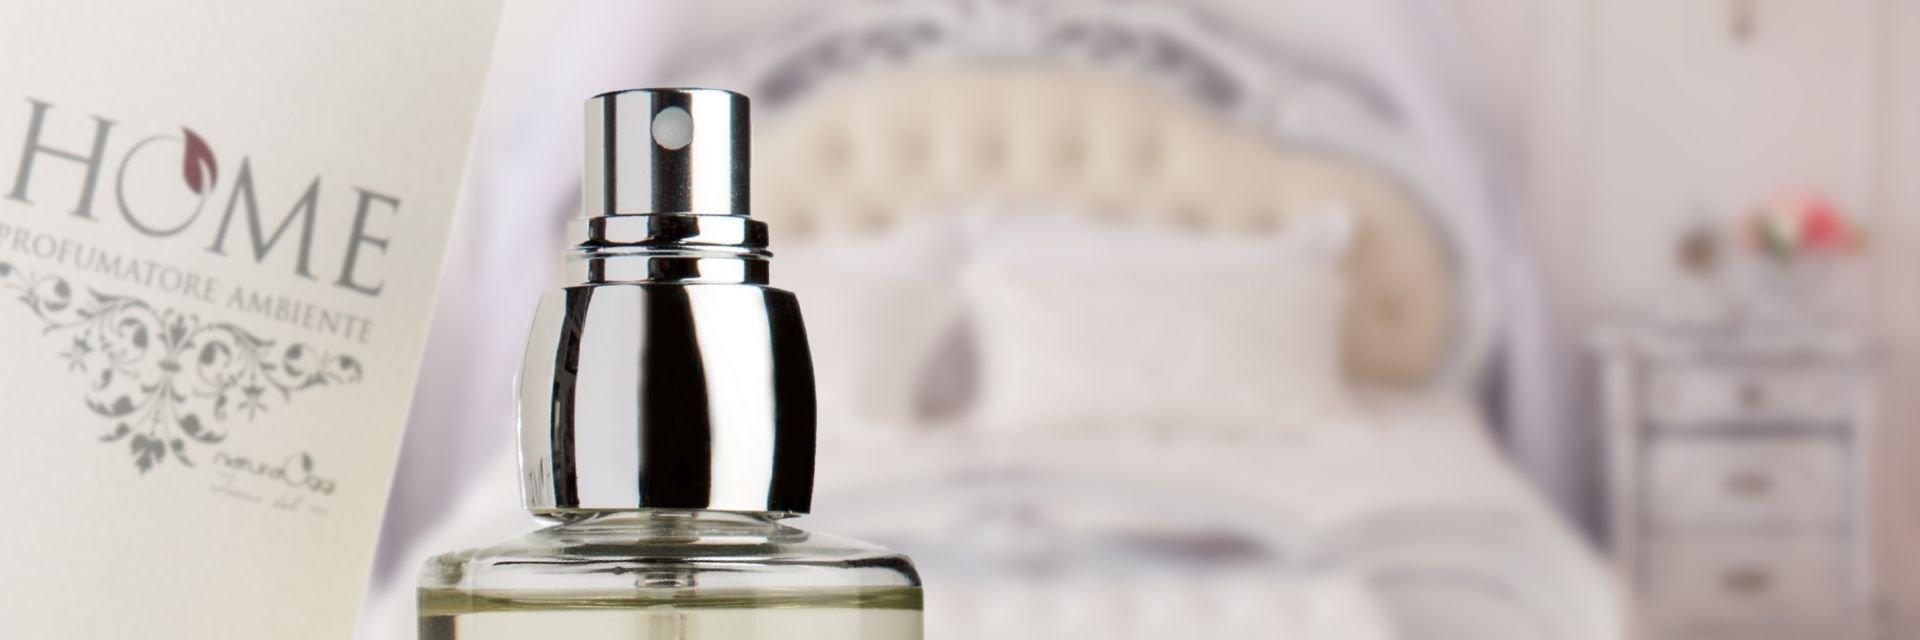 diffusori-spray